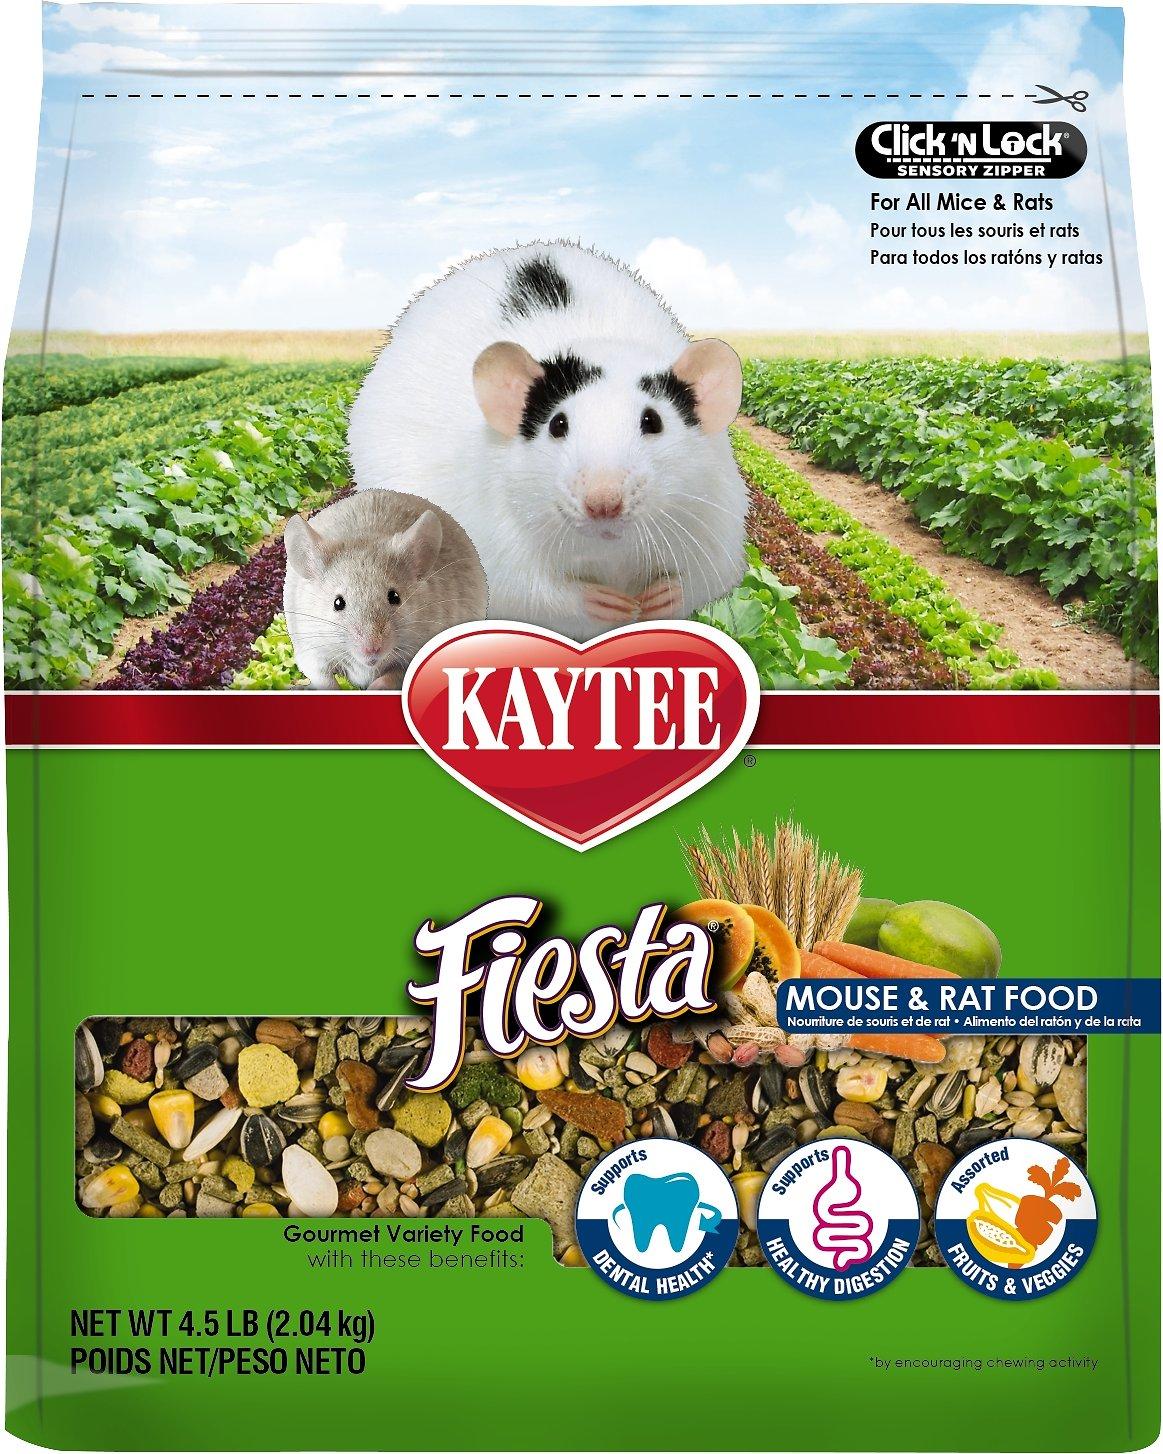 Kaytee Fiesta Gourmet Variety Diet Rat & Mouse Food Image